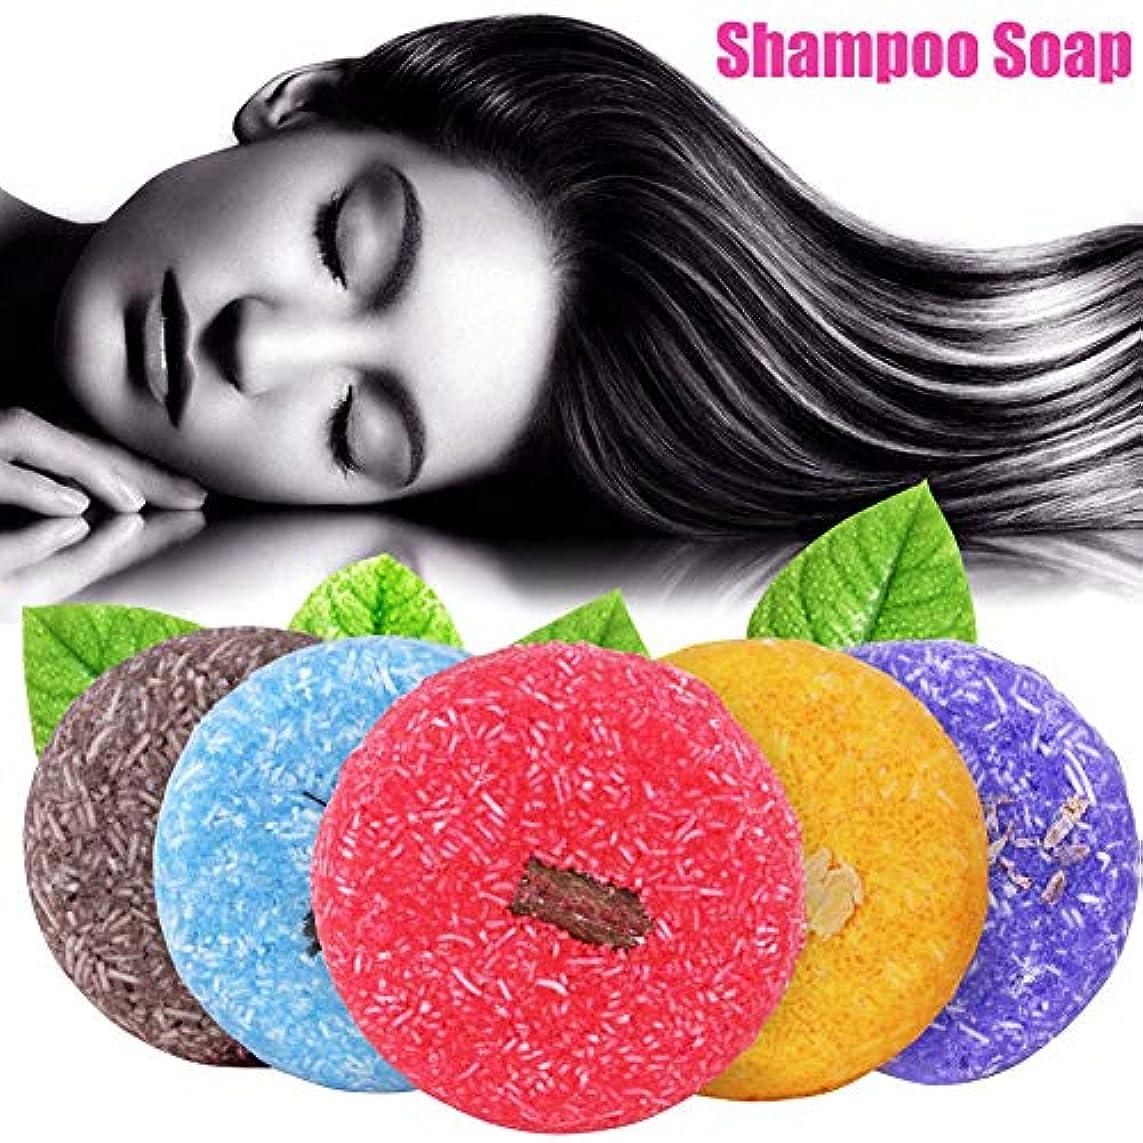 責検証コントロール石鹸 - Delaman 洗髪石鹸、シャンプー、頭皮ケア、ビューティ、クリームバー、センシティブマイルド、14種類、男女兼用 (Color : #6ミントシトラス(MINT CAMOMILE))